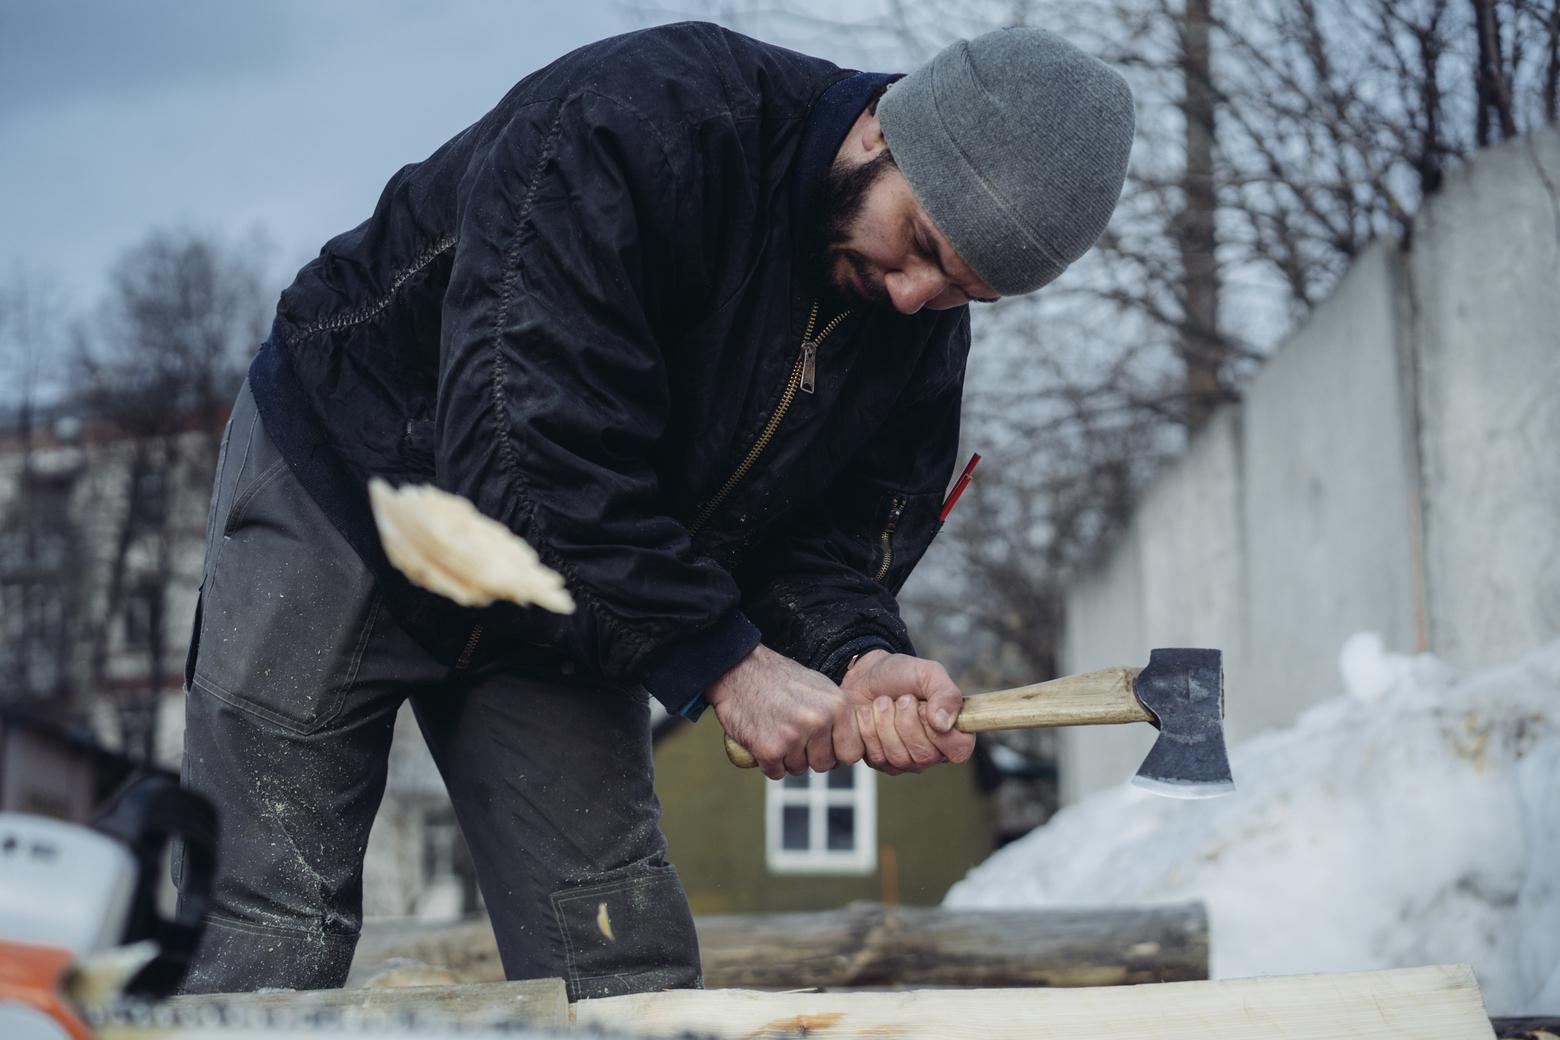 Я работаю плотником: строю дома, срубы, реставрирую храмы